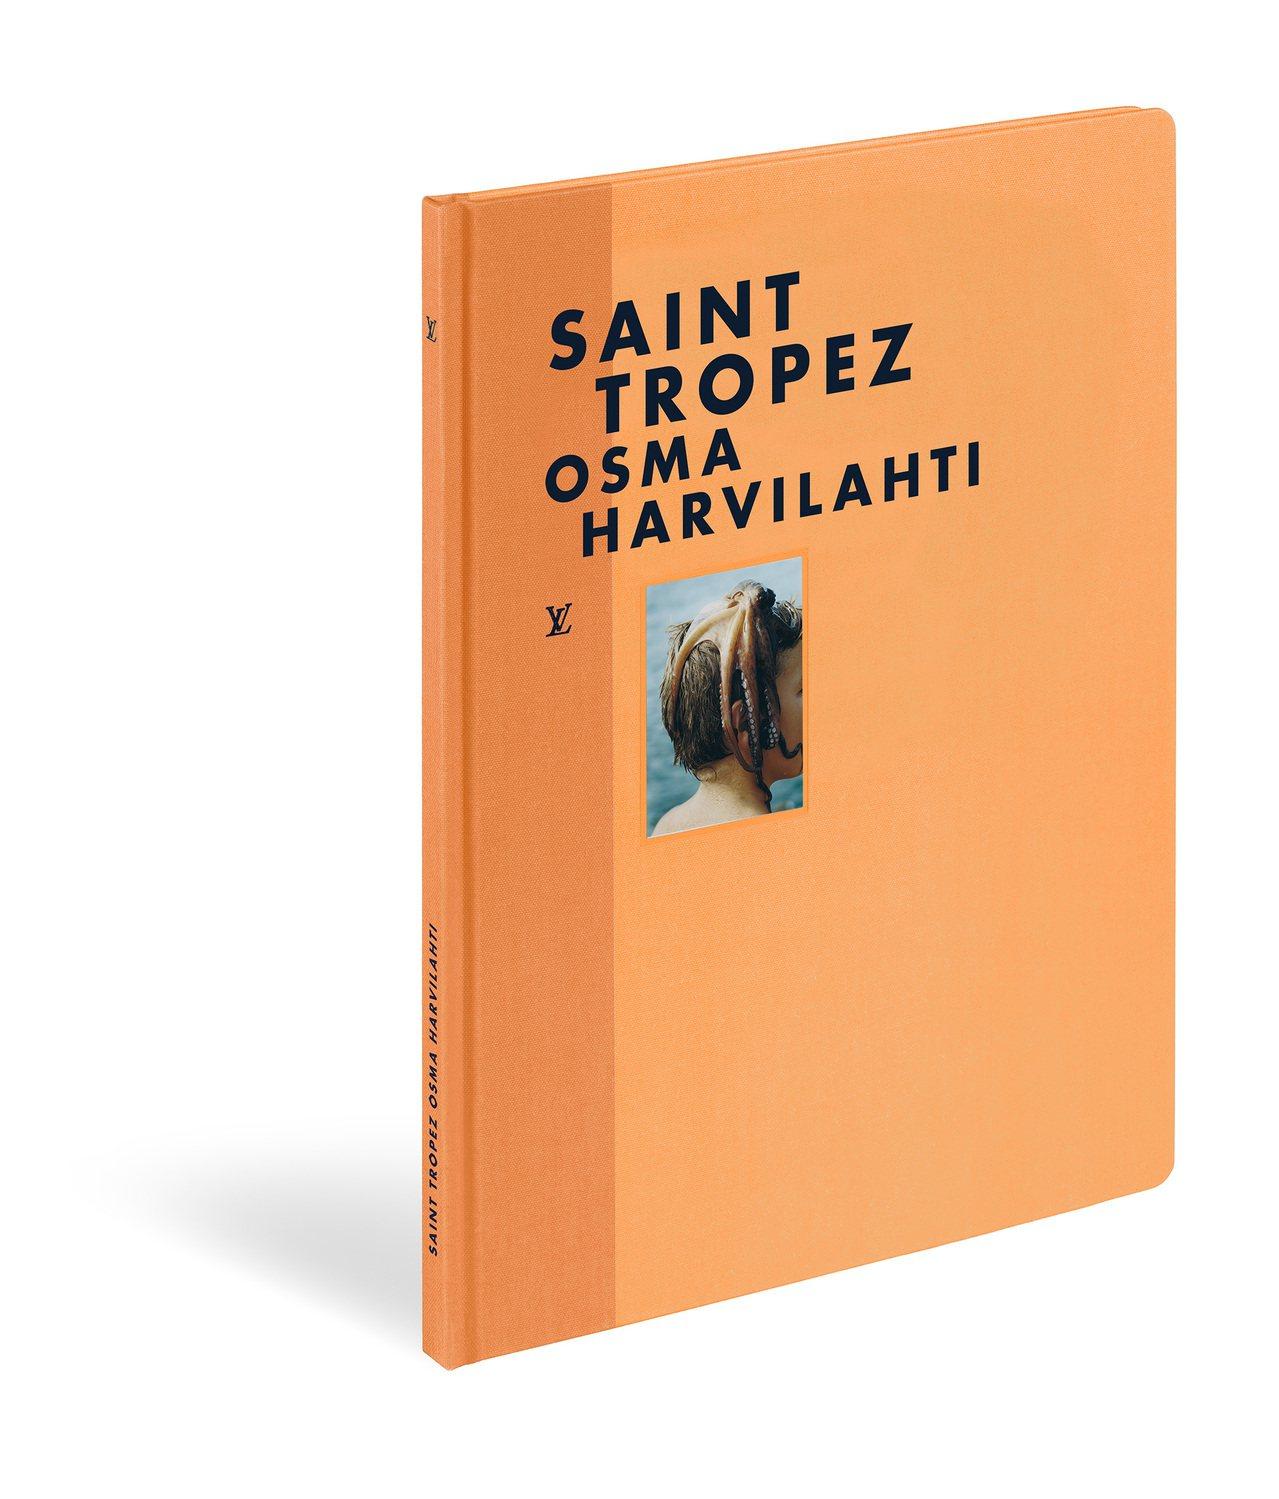 「聖特羅佩by Osma Harvilahti」限量發行,售價1,950元。圖/...